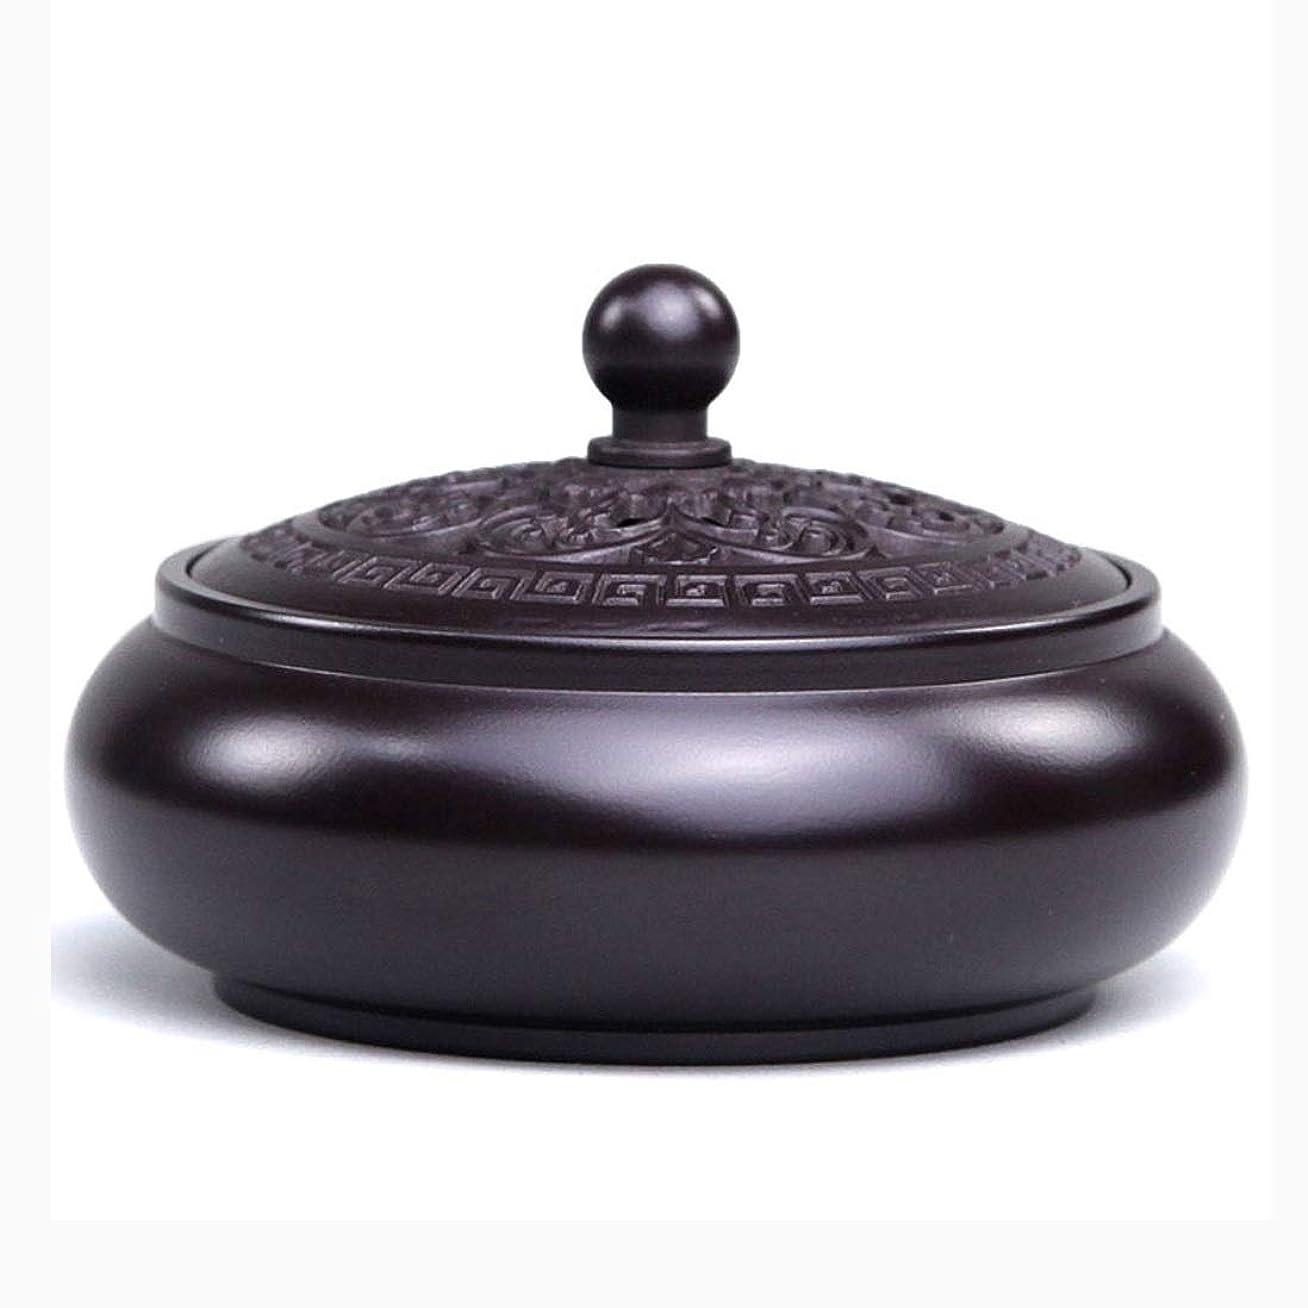 拡大する合体エキゾチック芳香器?アロマバーナー 純銅香炉家庭用香炉白檀ストーブ茶セット用仏香炉 アロマバーナー (Color : Red copper)